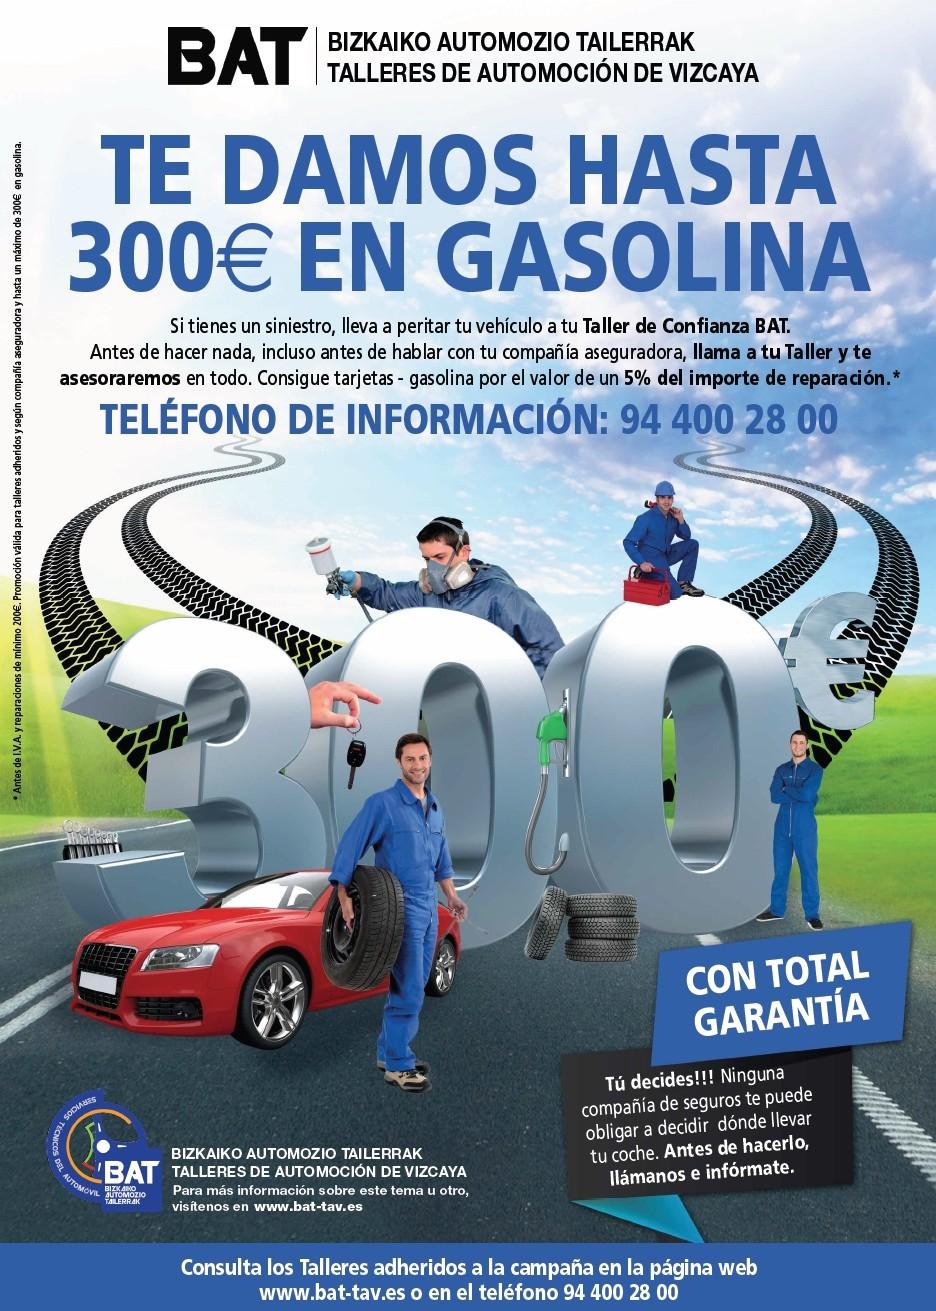 BAT ofrece tarjetas de gasolina de hasta 300€